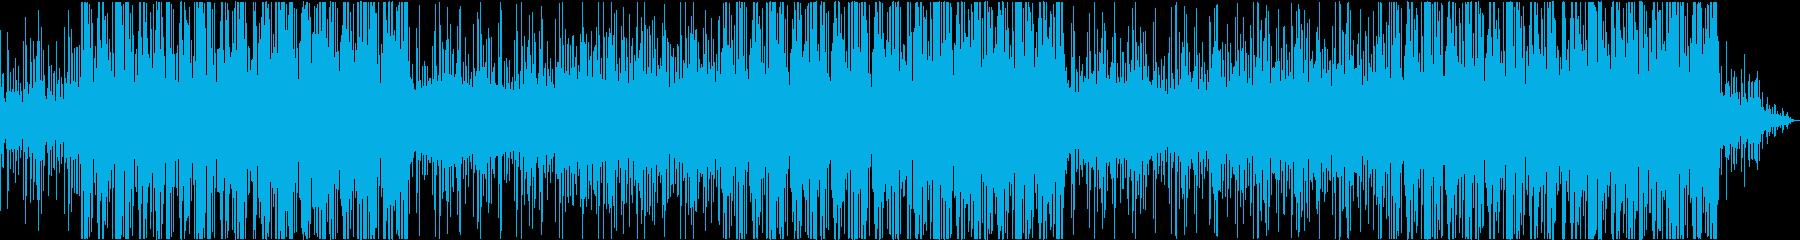 透明感あるメロディーと重低音のビートの再生済みの波形